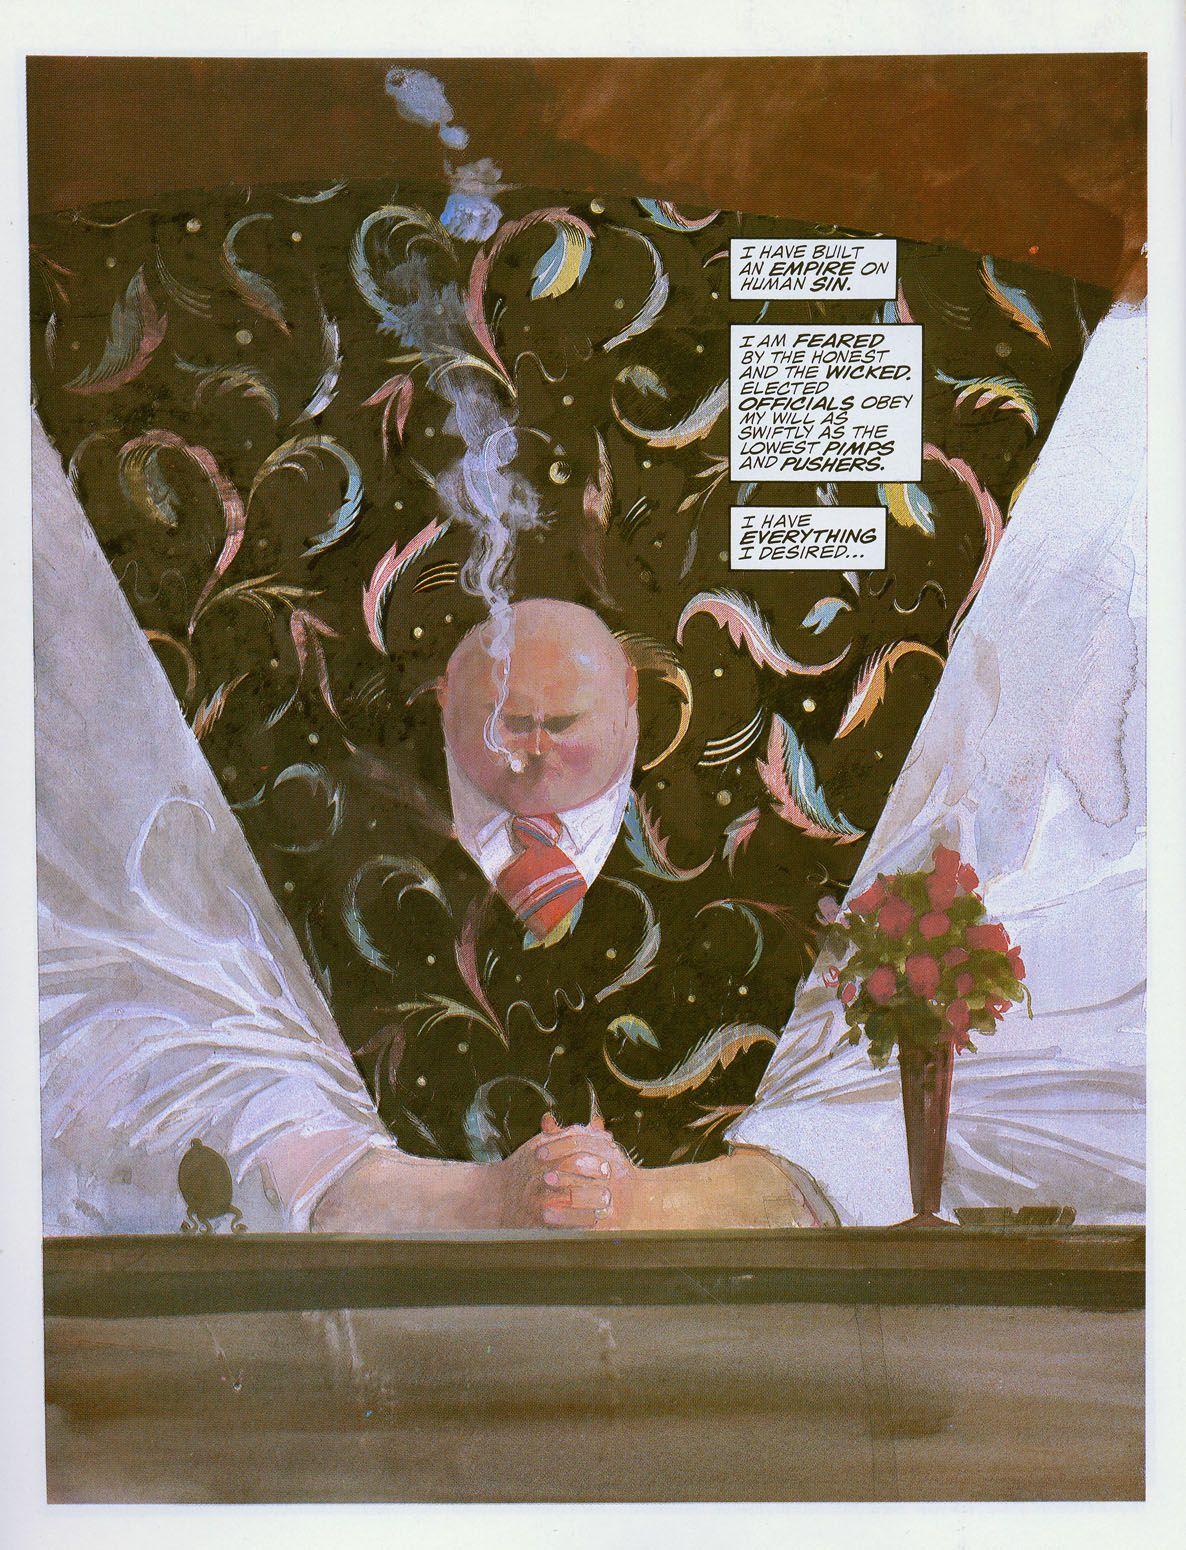 The Kingpin, from DAREDEVIL: LOVE & WAR. Art by Bill Sienkiewicz ...